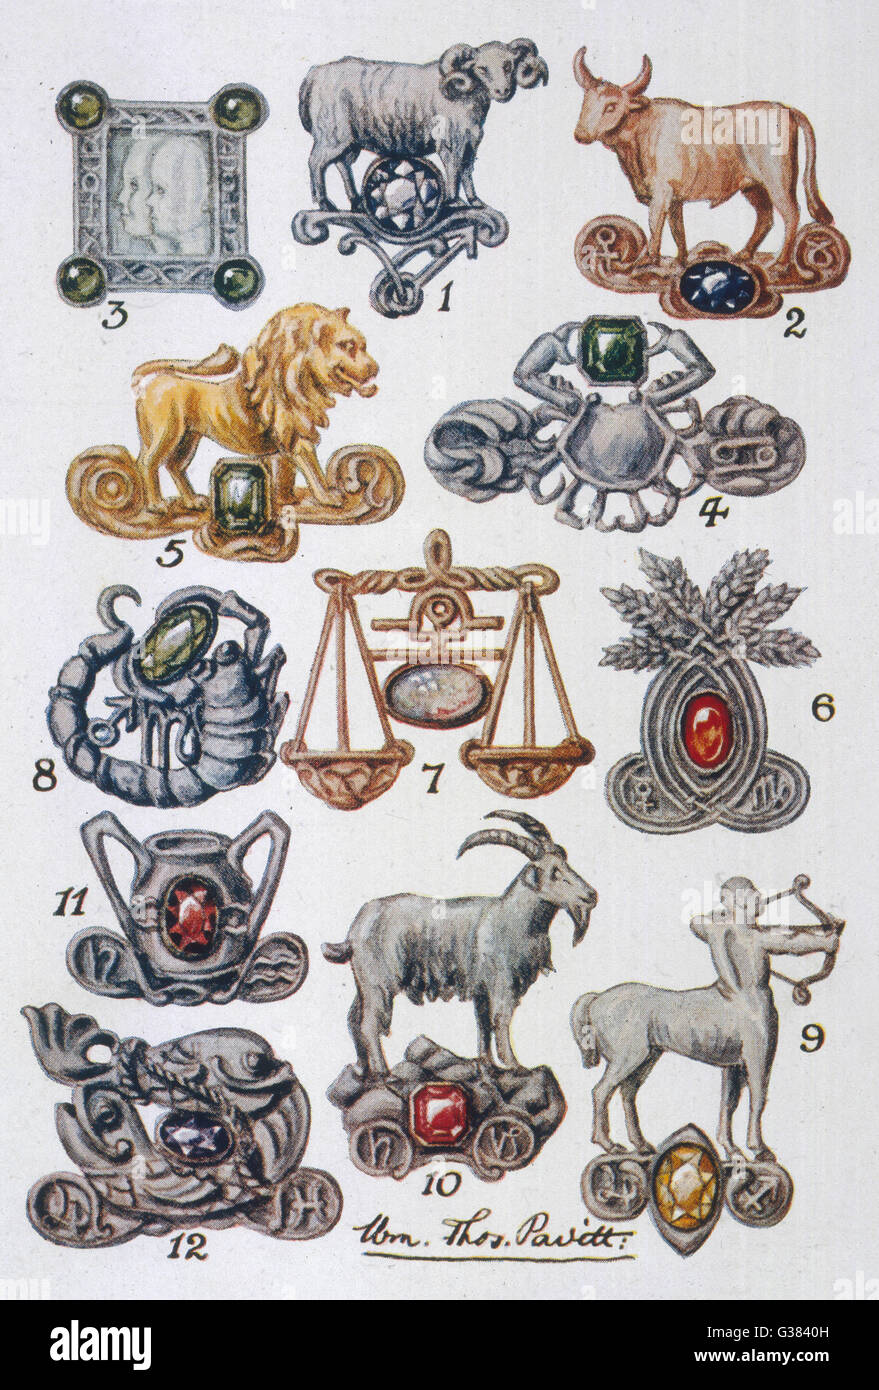 Symboles de la douze maisons Date: 1914 Photo Stock